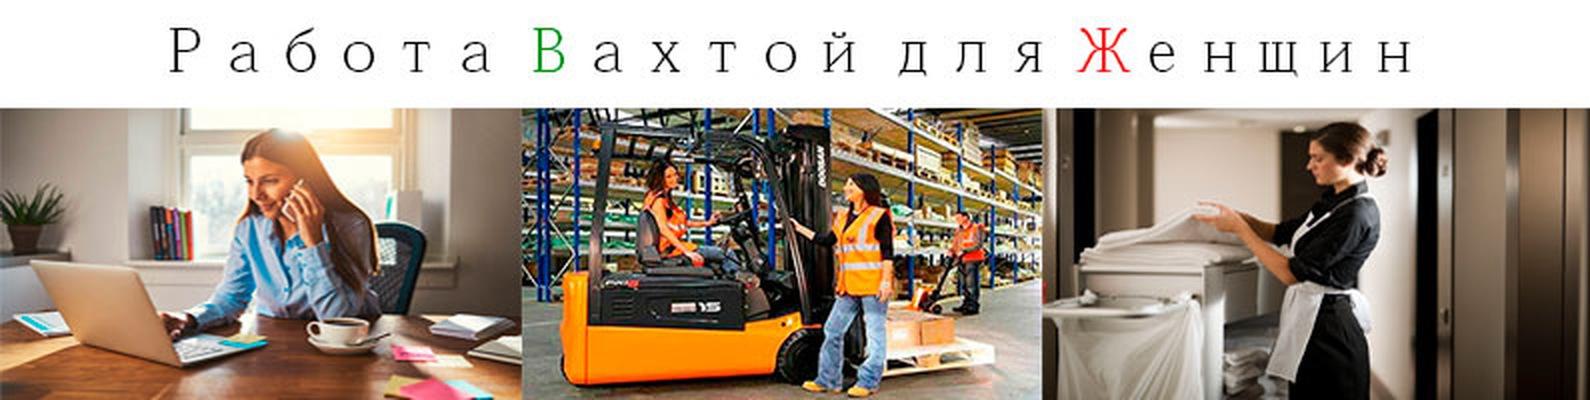 Работа в москве водитель для девушки модели практики социальной работы за рубежом